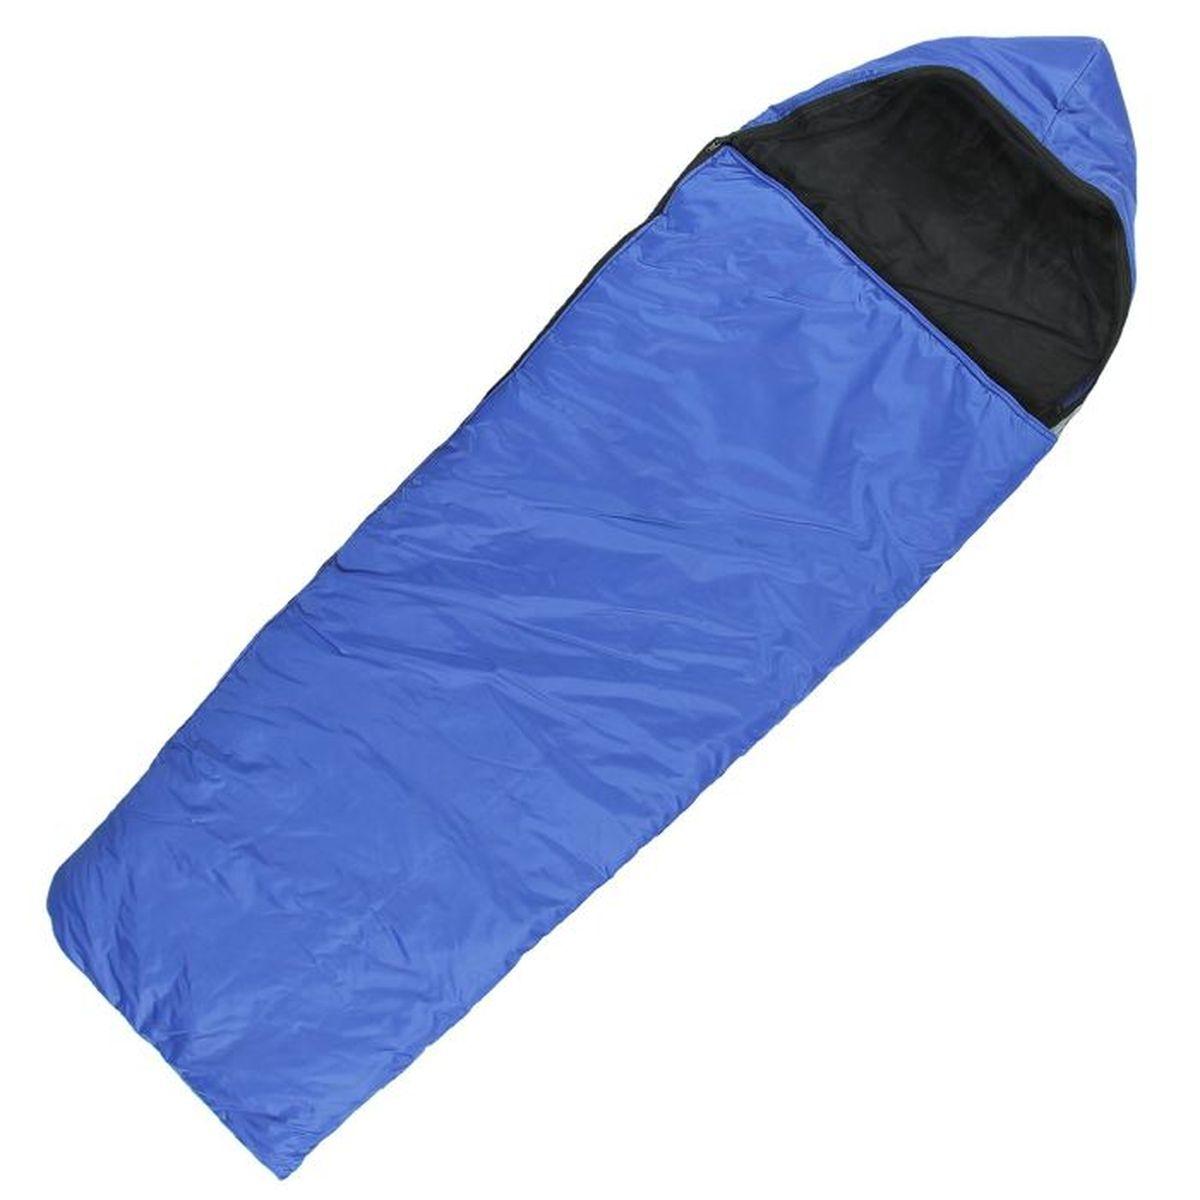 Спальный мешок Onlitop Люкс, цвет: синий, правосторонняя молния. 11359911135991Комфортный, просторный и очень теплый 3-х сезонный спальник предназначен для походов и для отдыха на природе не только в летнее время, но и в прохладные дни весенне-осеннего периода. В теплое время спальный мешок можно использовать как одеяло (в том числе и дома).